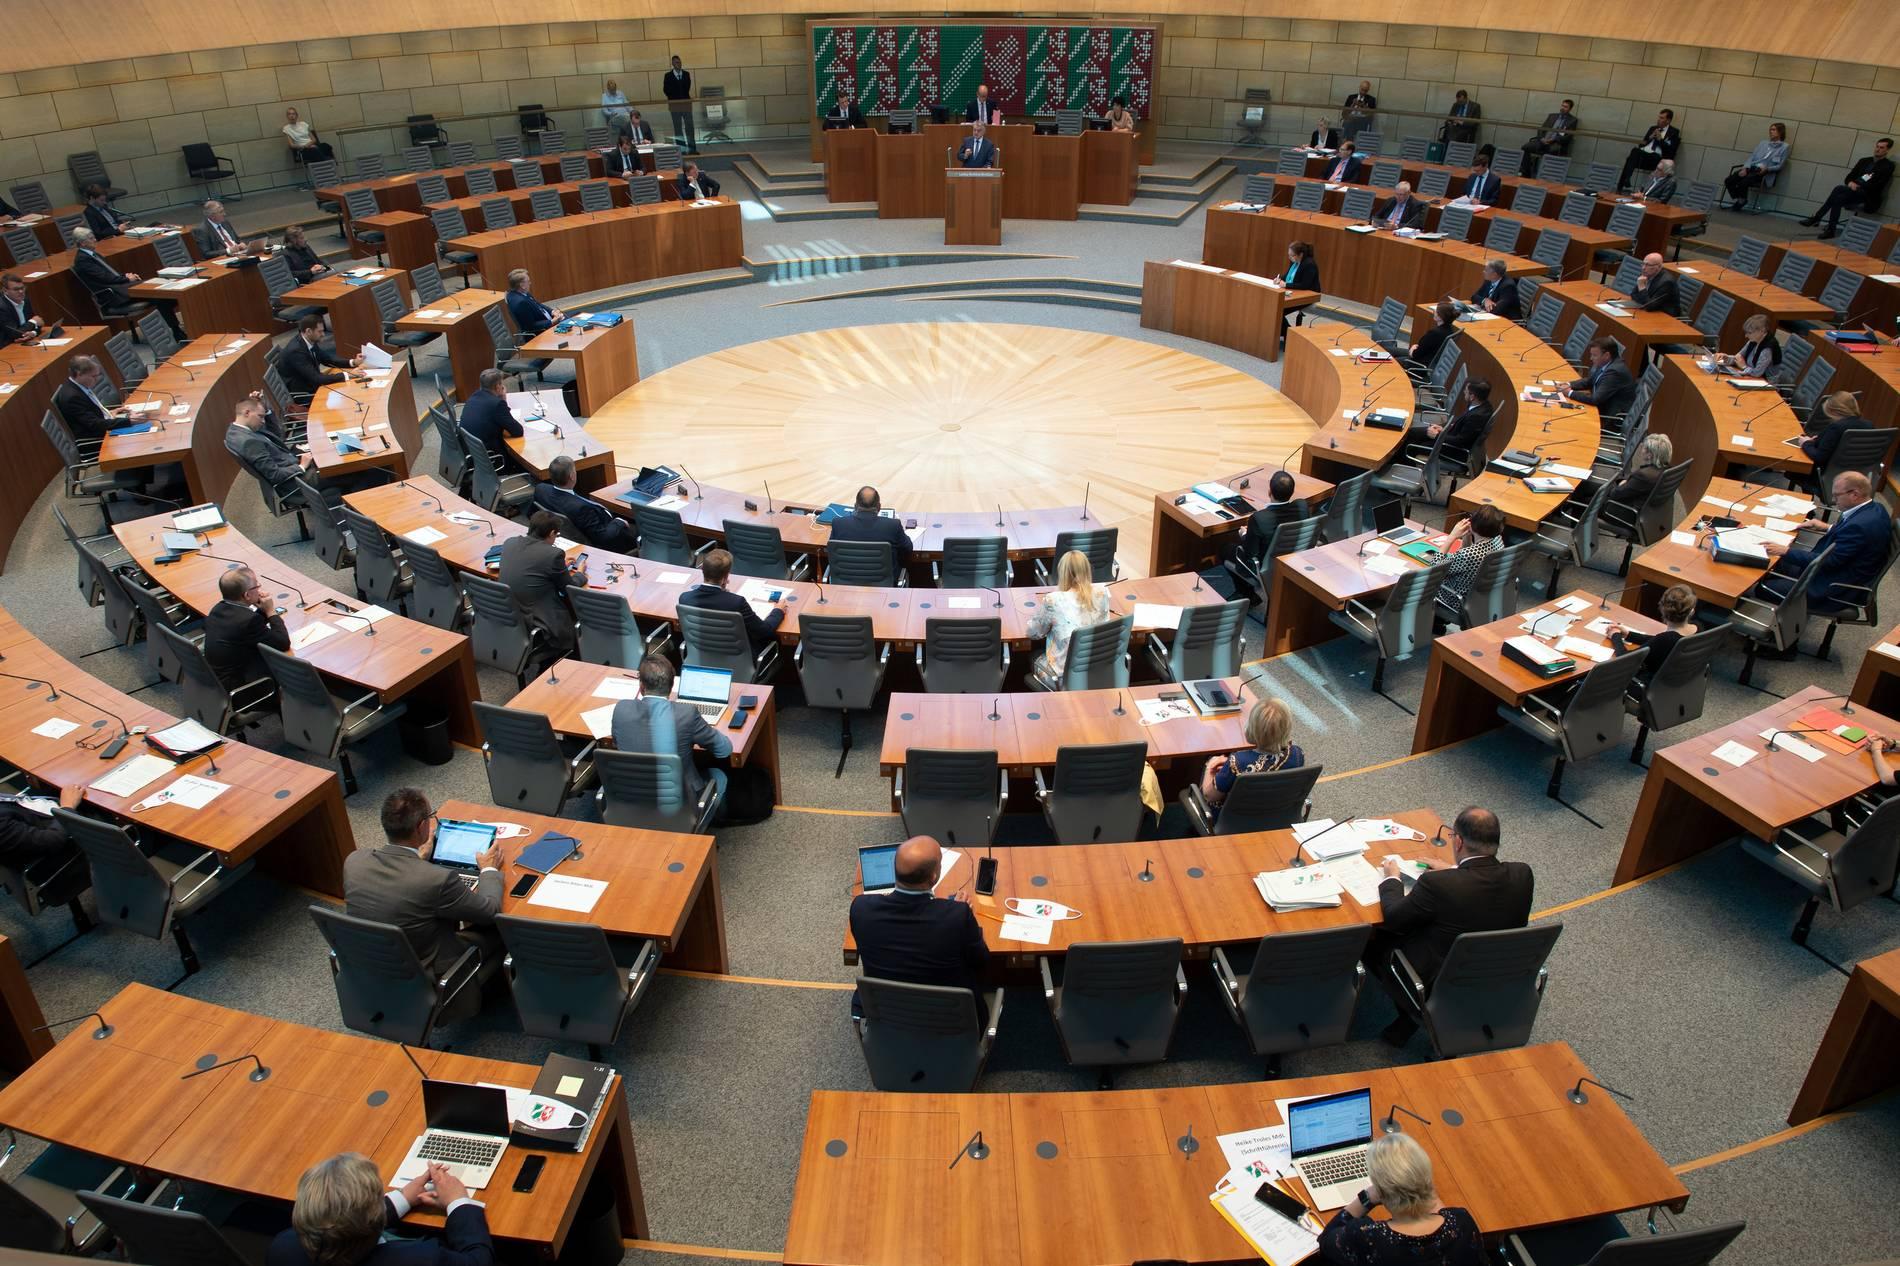 Diäten Landtag Nrw